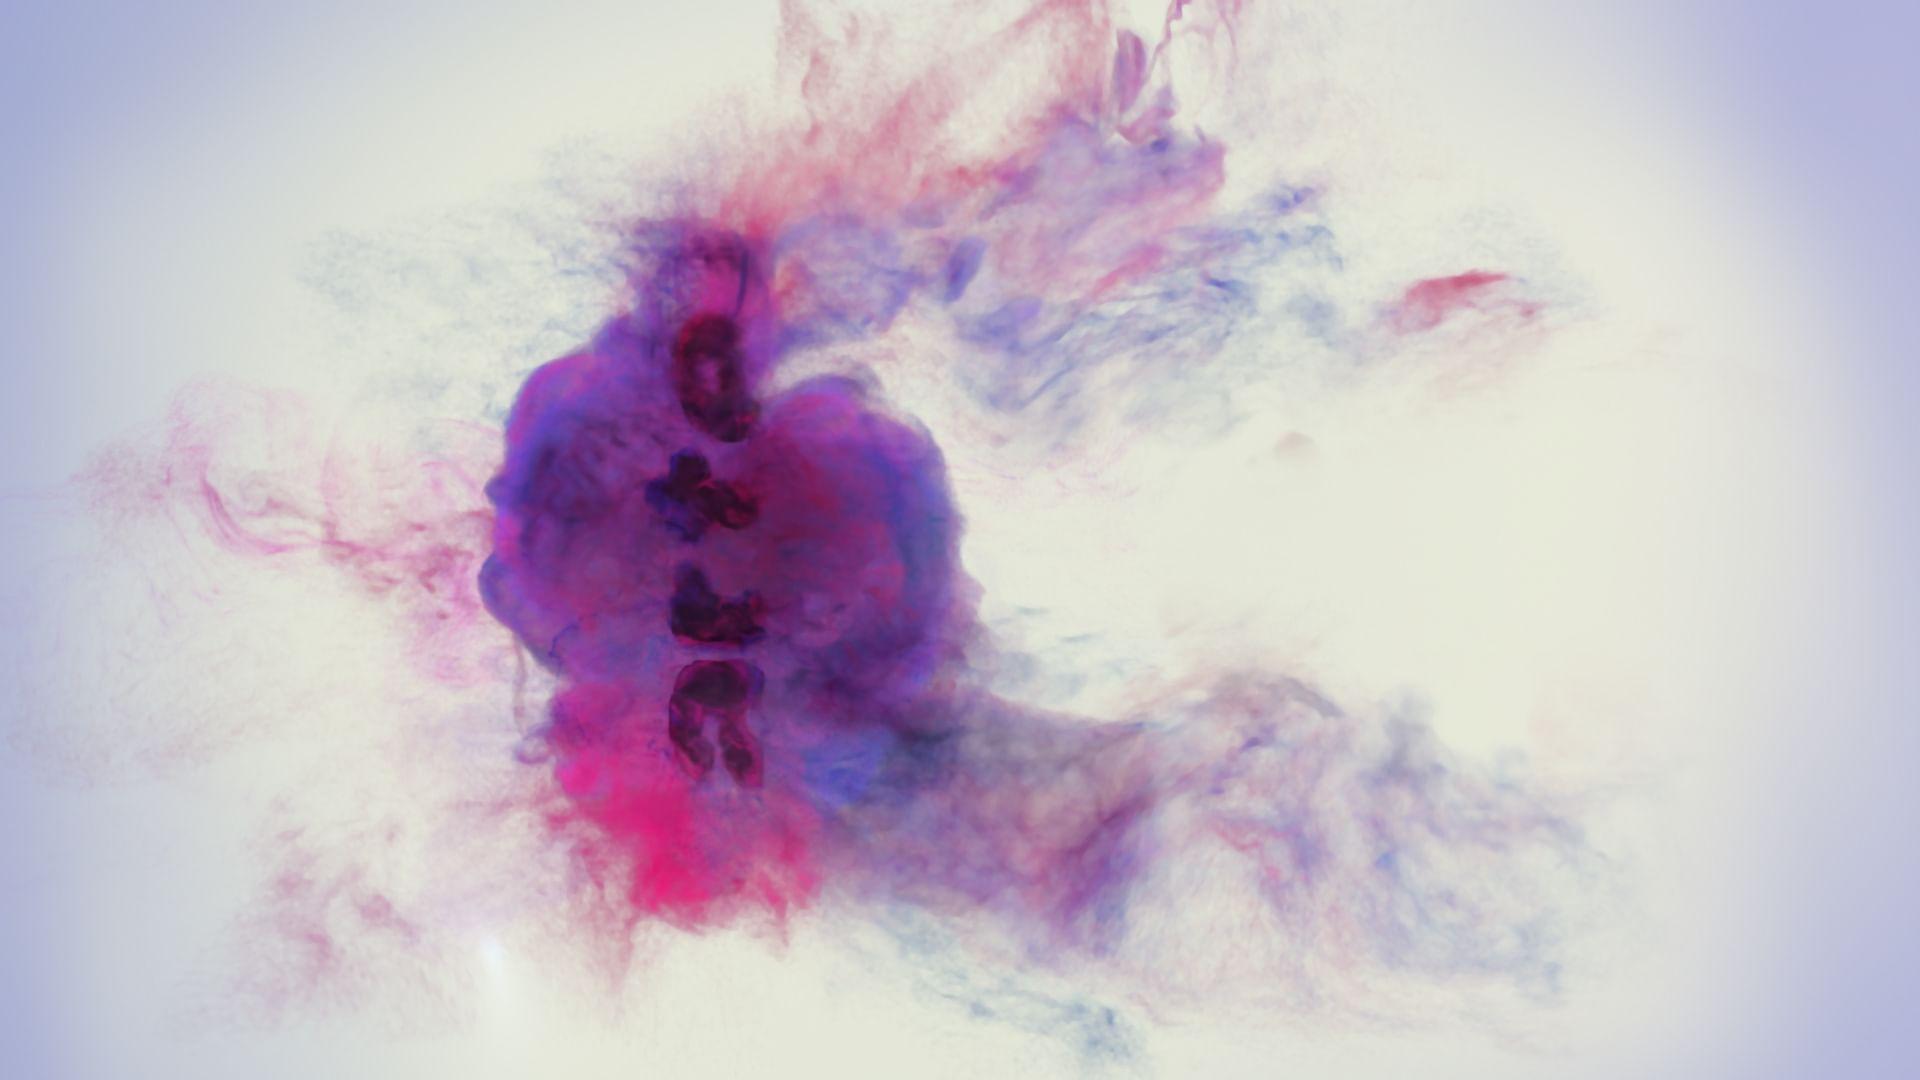 """Les voix de légende sur ARTE. Le ténor Luciano Pavarotti remplissait des stades de foot ; Maria Callas brillait dans """"Tosca"""". Nous reviverons leurs dernières représentations. Nous accompagnerons Waltraud Meier à ses adieux à ses rôles Wagneriens et écouterons Joyce DiDonato à Barcelone. N'oublions pas les grandes du jazz, Ella Fitzgerald et Billie Holiday !"""